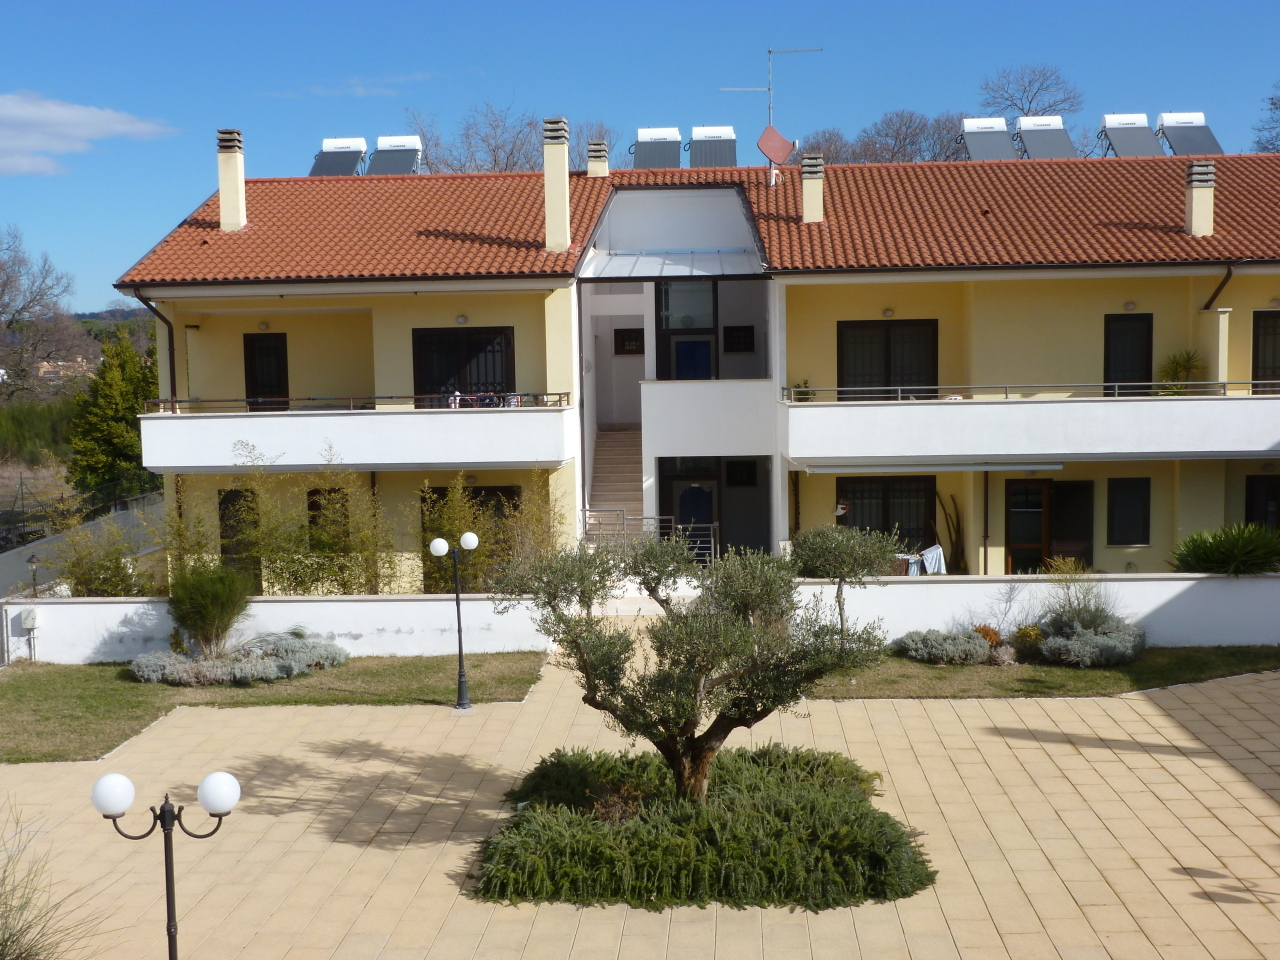 Appartamento in vendita a Rocca di Papa, 6 locali, prezzo € 249.000 | Cambio Casa.it